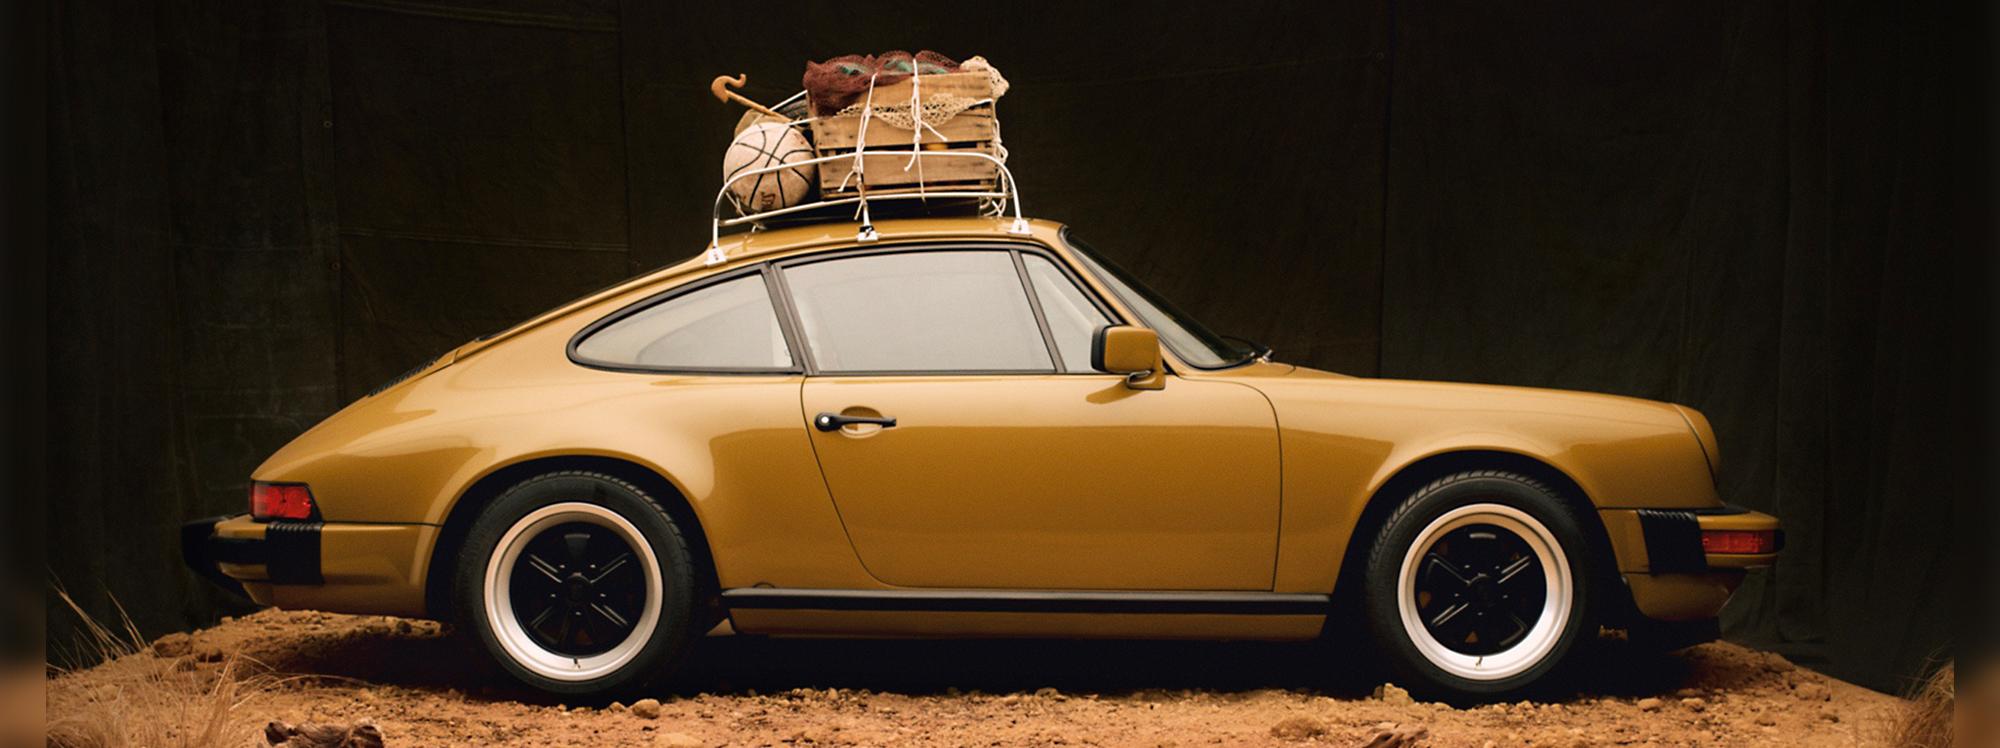 La moda neoyorquina viste a Porsche